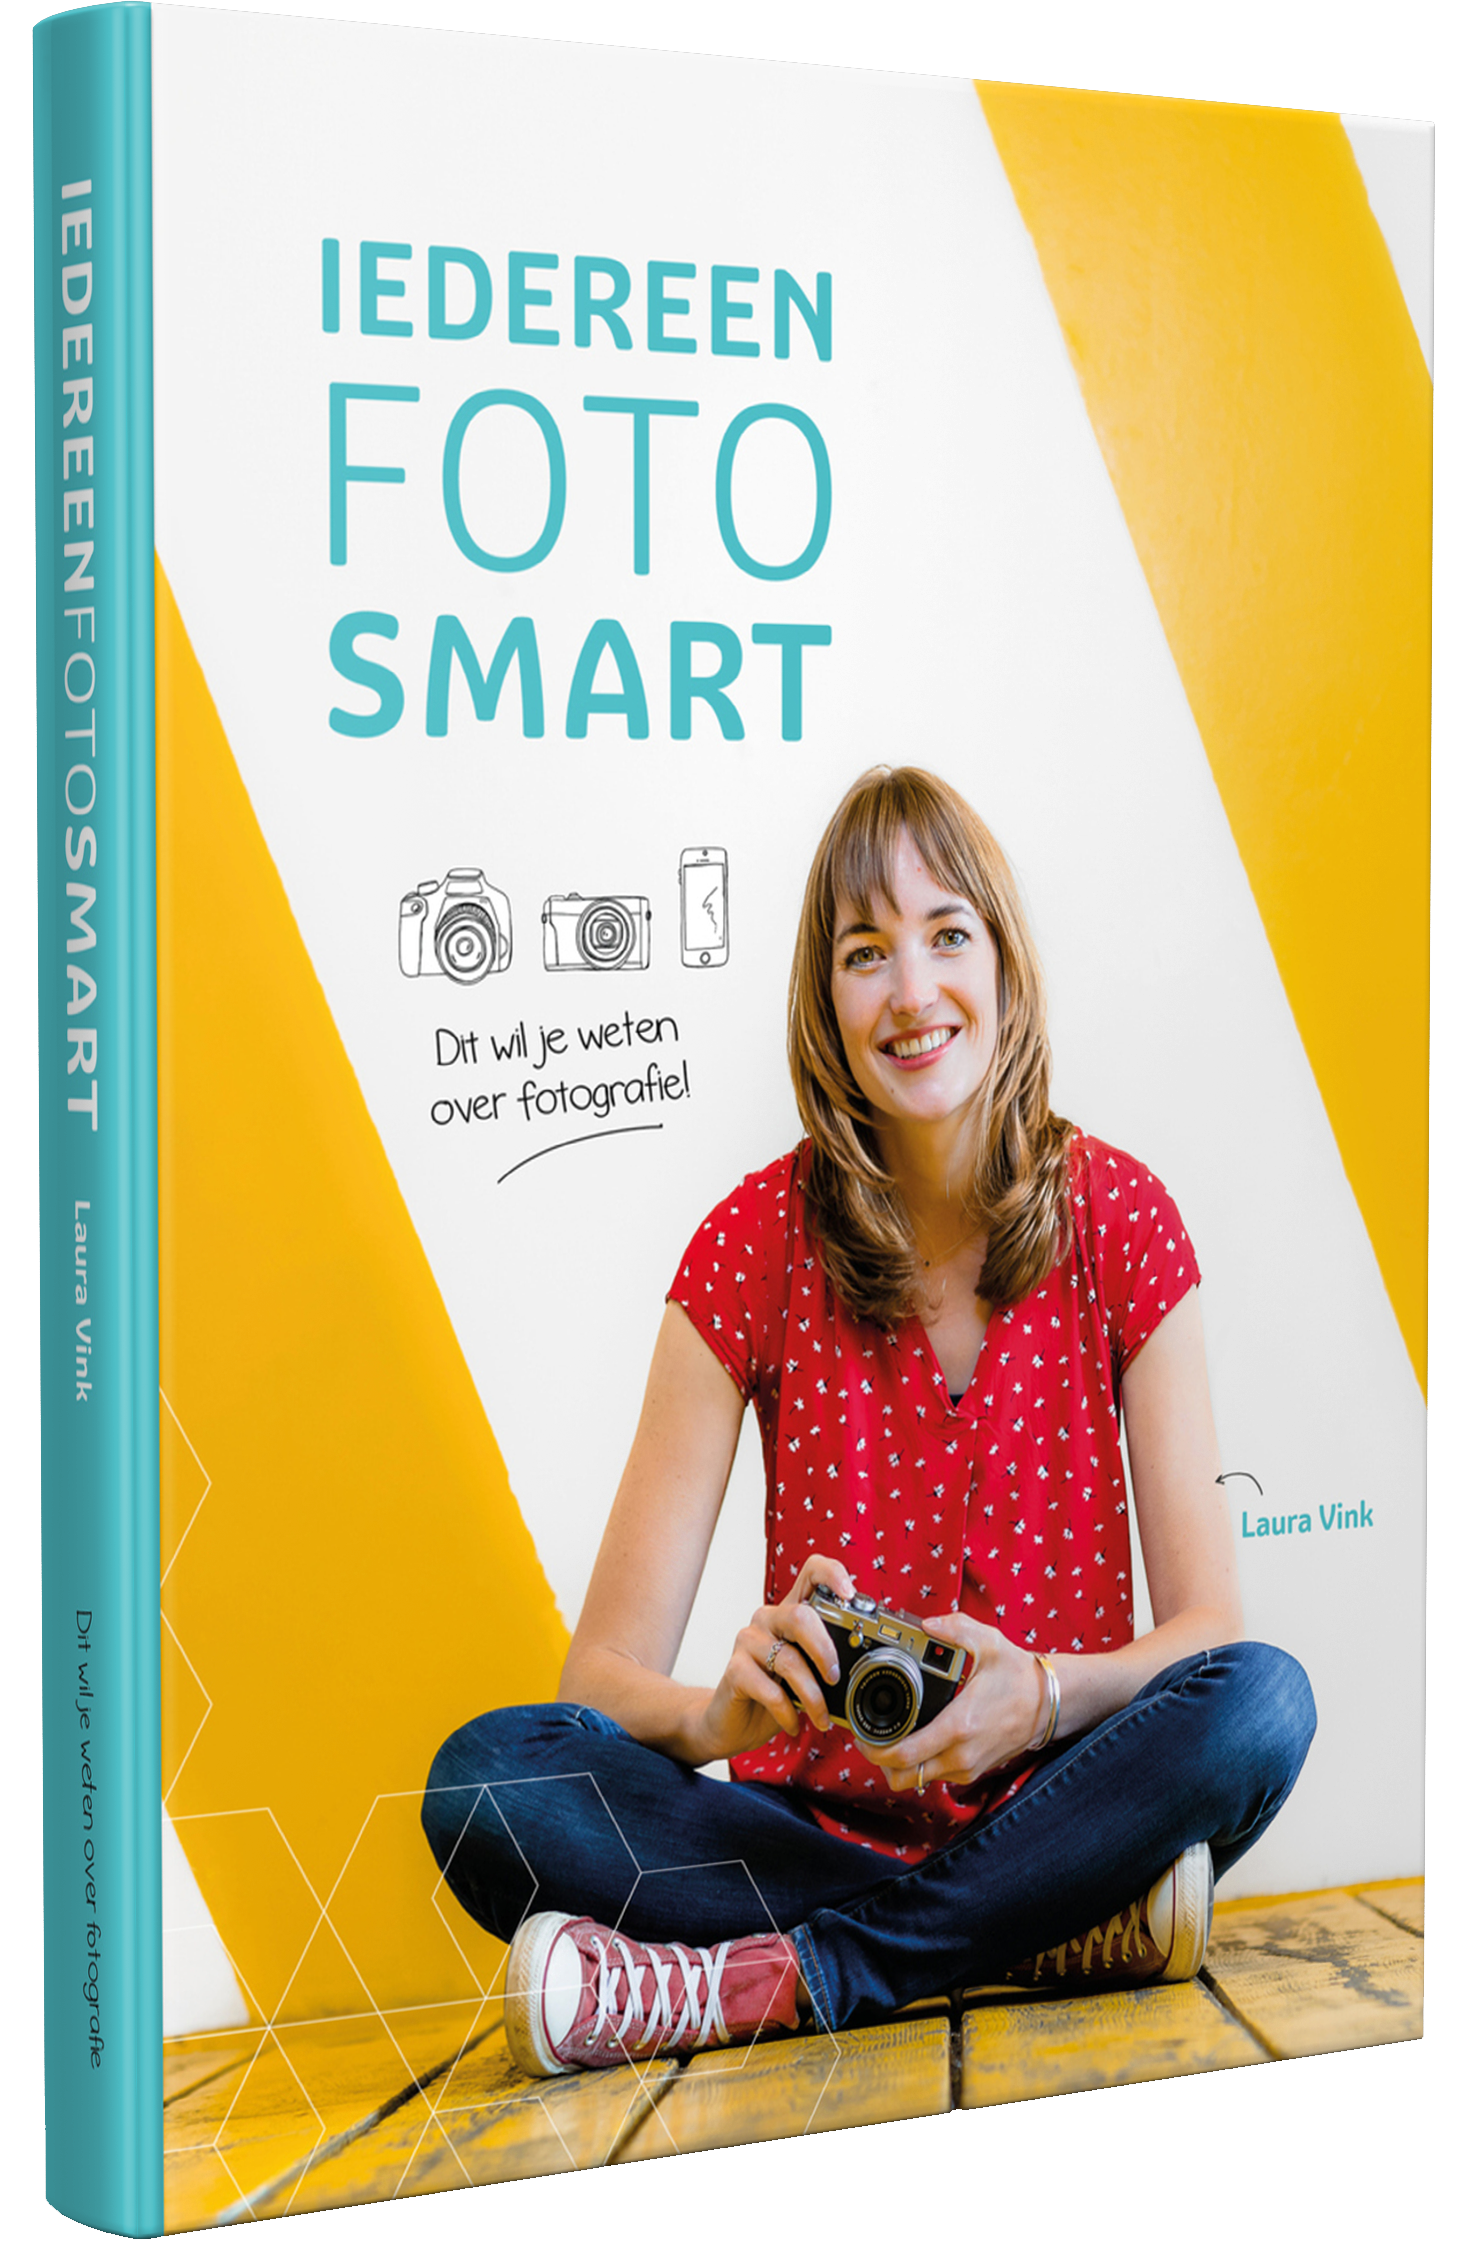 Boek Iedereen FotoSMART geschreven door Laura Vink